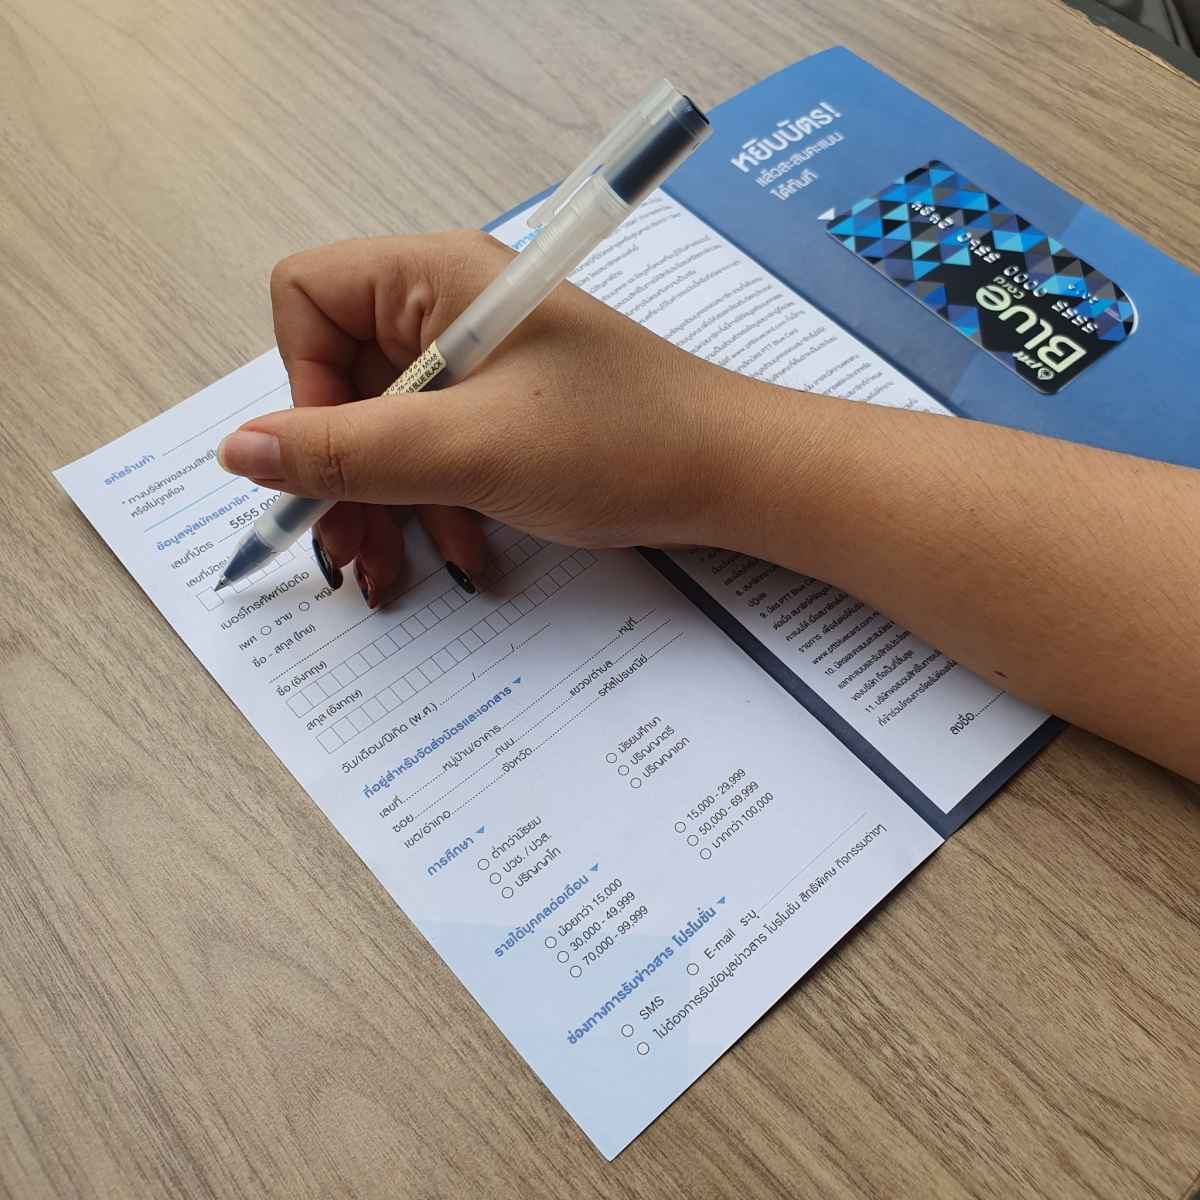 Register 2 fill the information